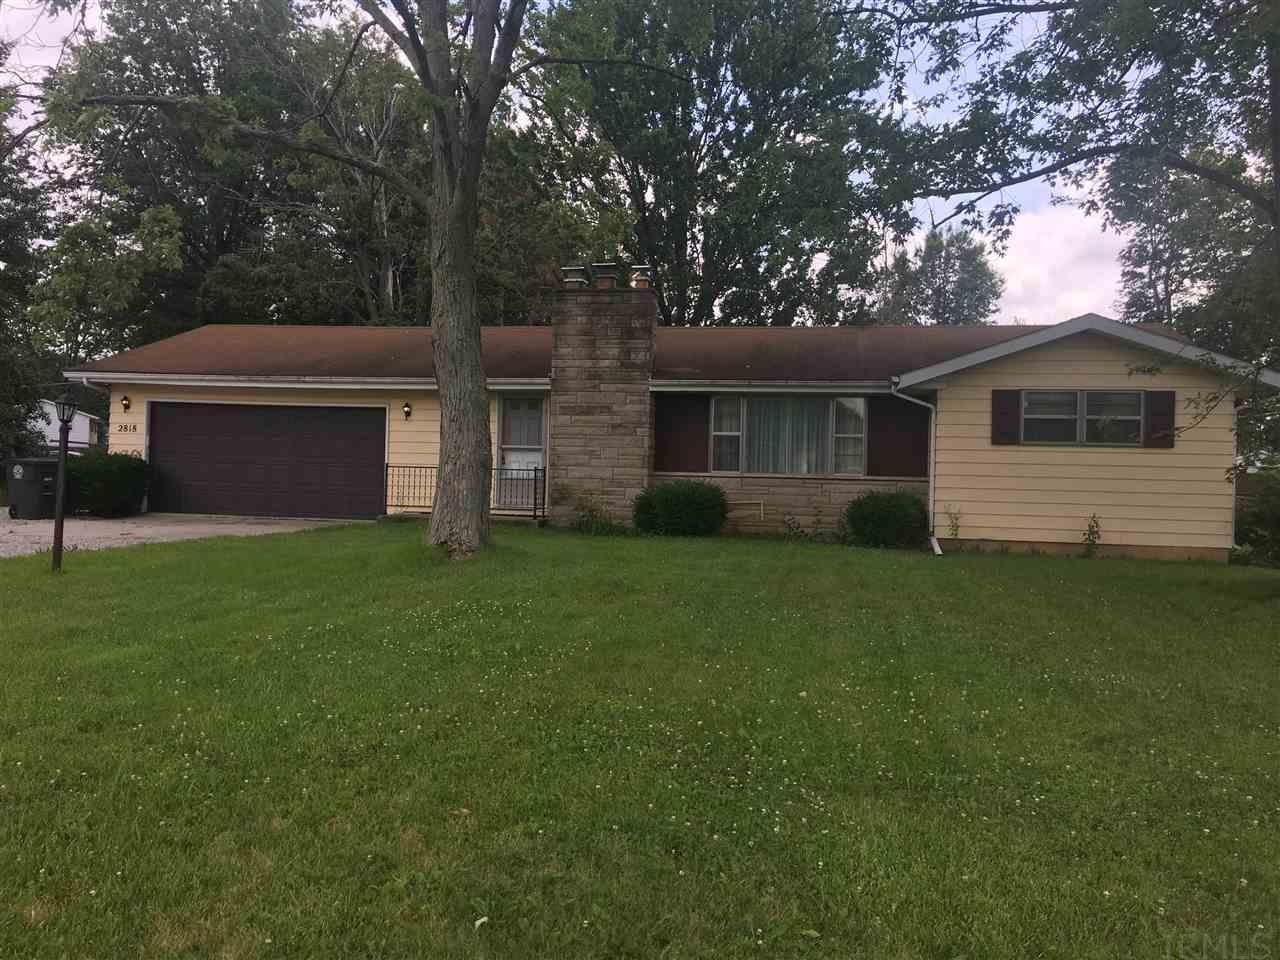 2818 Reed Rd., Fort Wayne, IN 46815